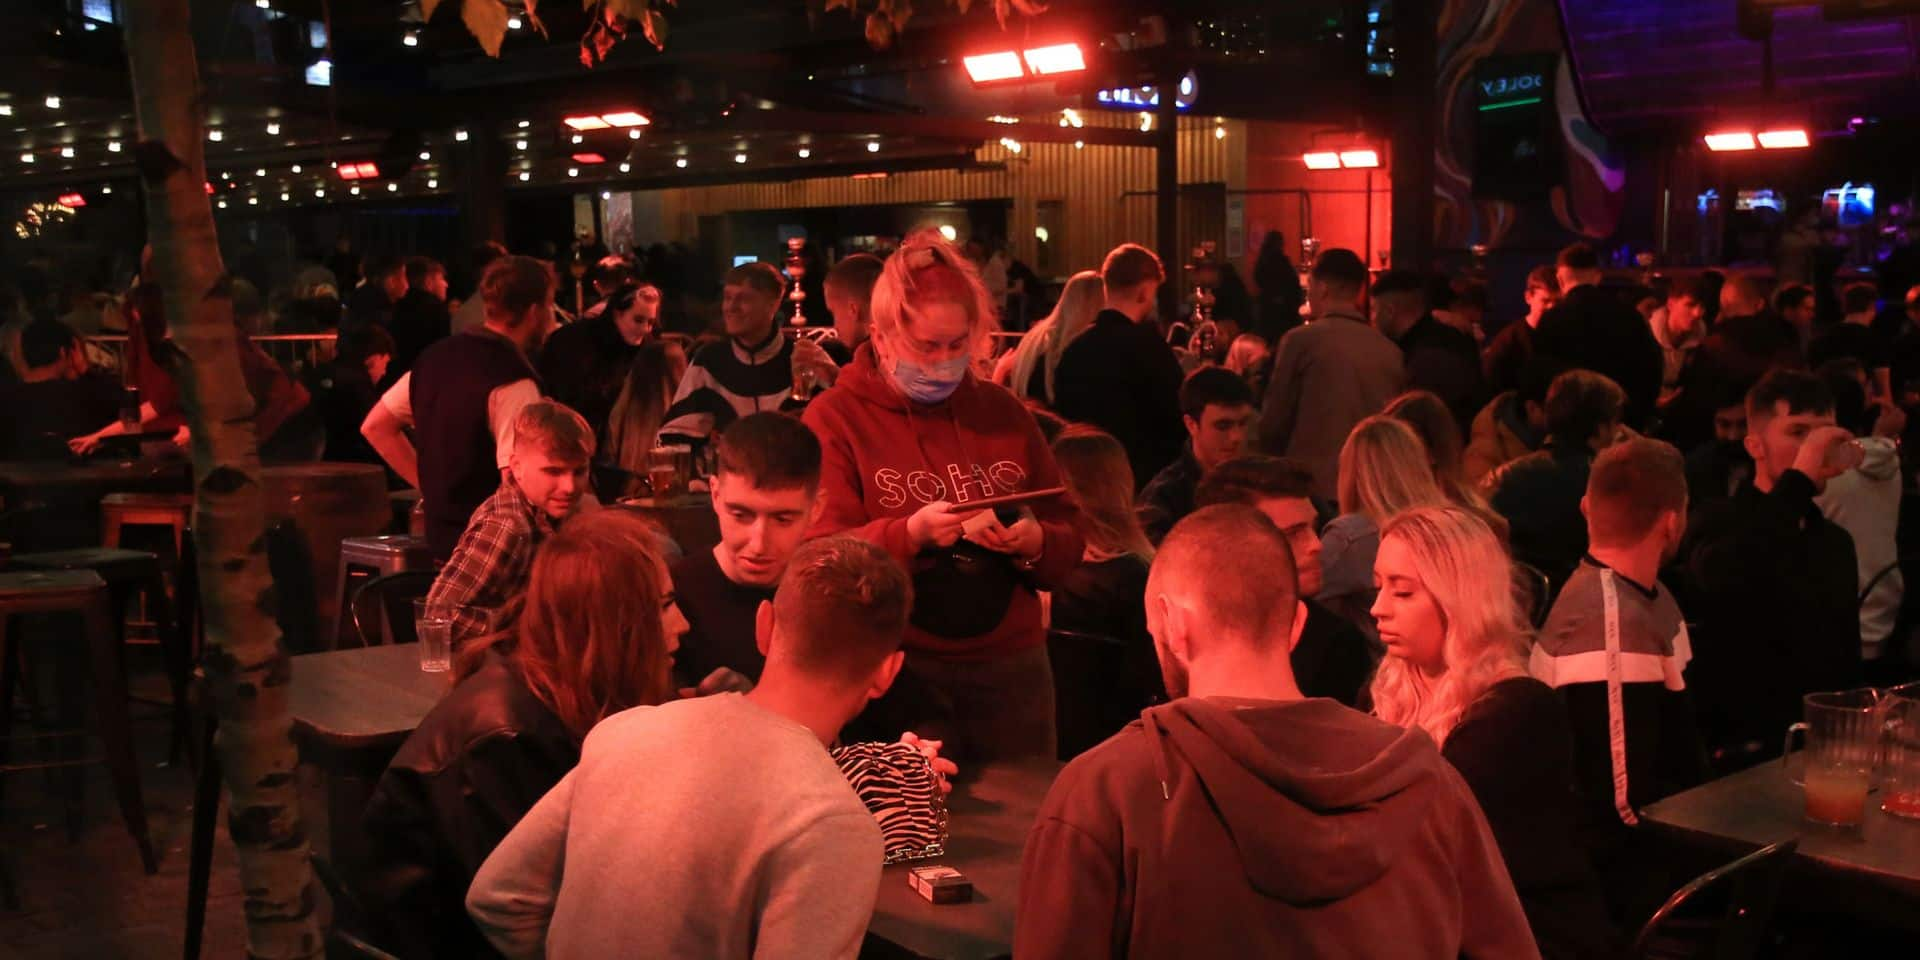 """Le jeu dangereux des """"faux restos"""", ces bars qui se prennent pour restaurants pour contourner les règles"""